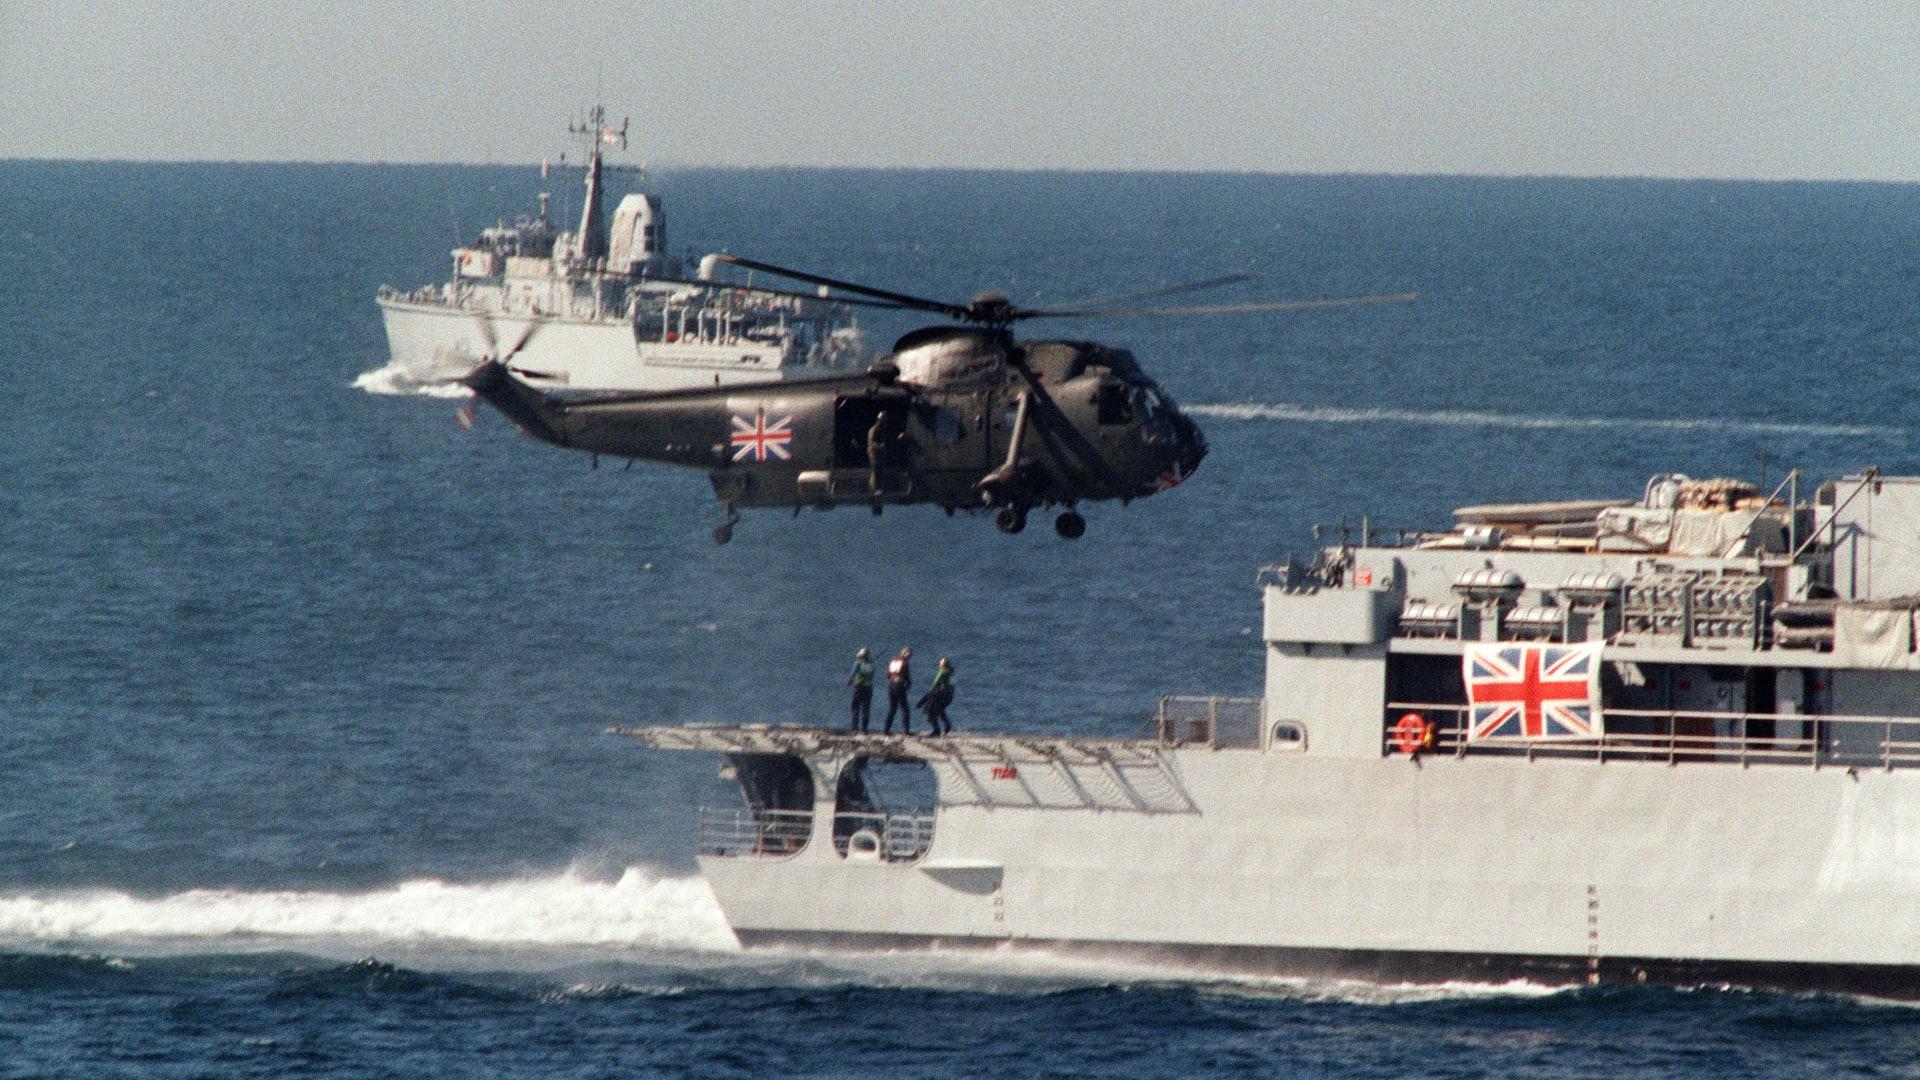 تجدد القلق حول حرية الملاحة بمضيق هرمز.. وبحرية بريطانيا تواصل مرافقة سفنها التجارية